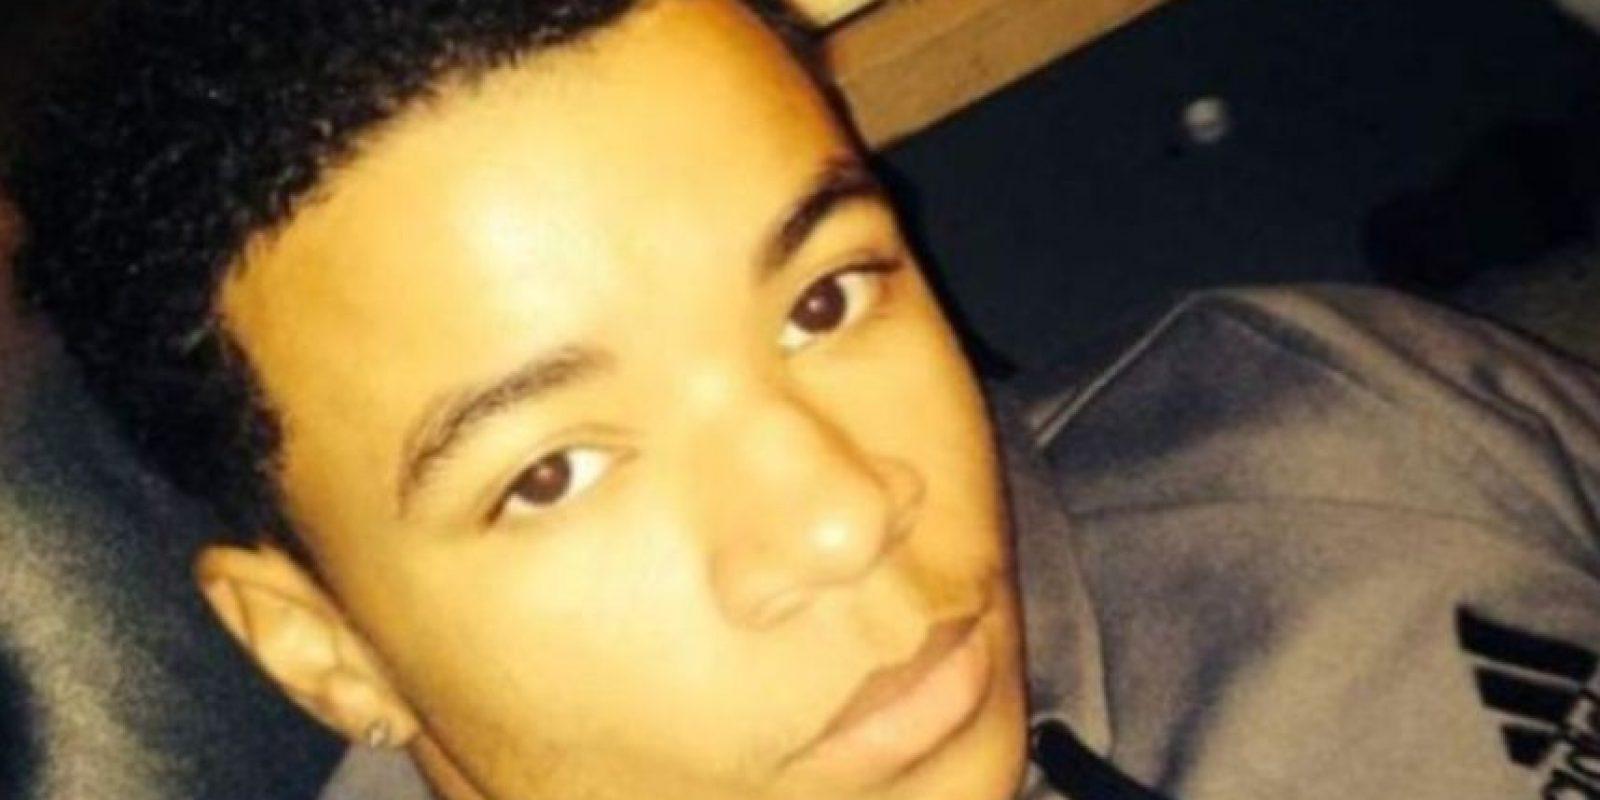 Maxwell Marion Morton, de 16 años de edad, se tomó un selfie junto al cuerpo de su amigo y fue detenido por presunto asesinato. Foto:Pittsburgh Tribune-Review